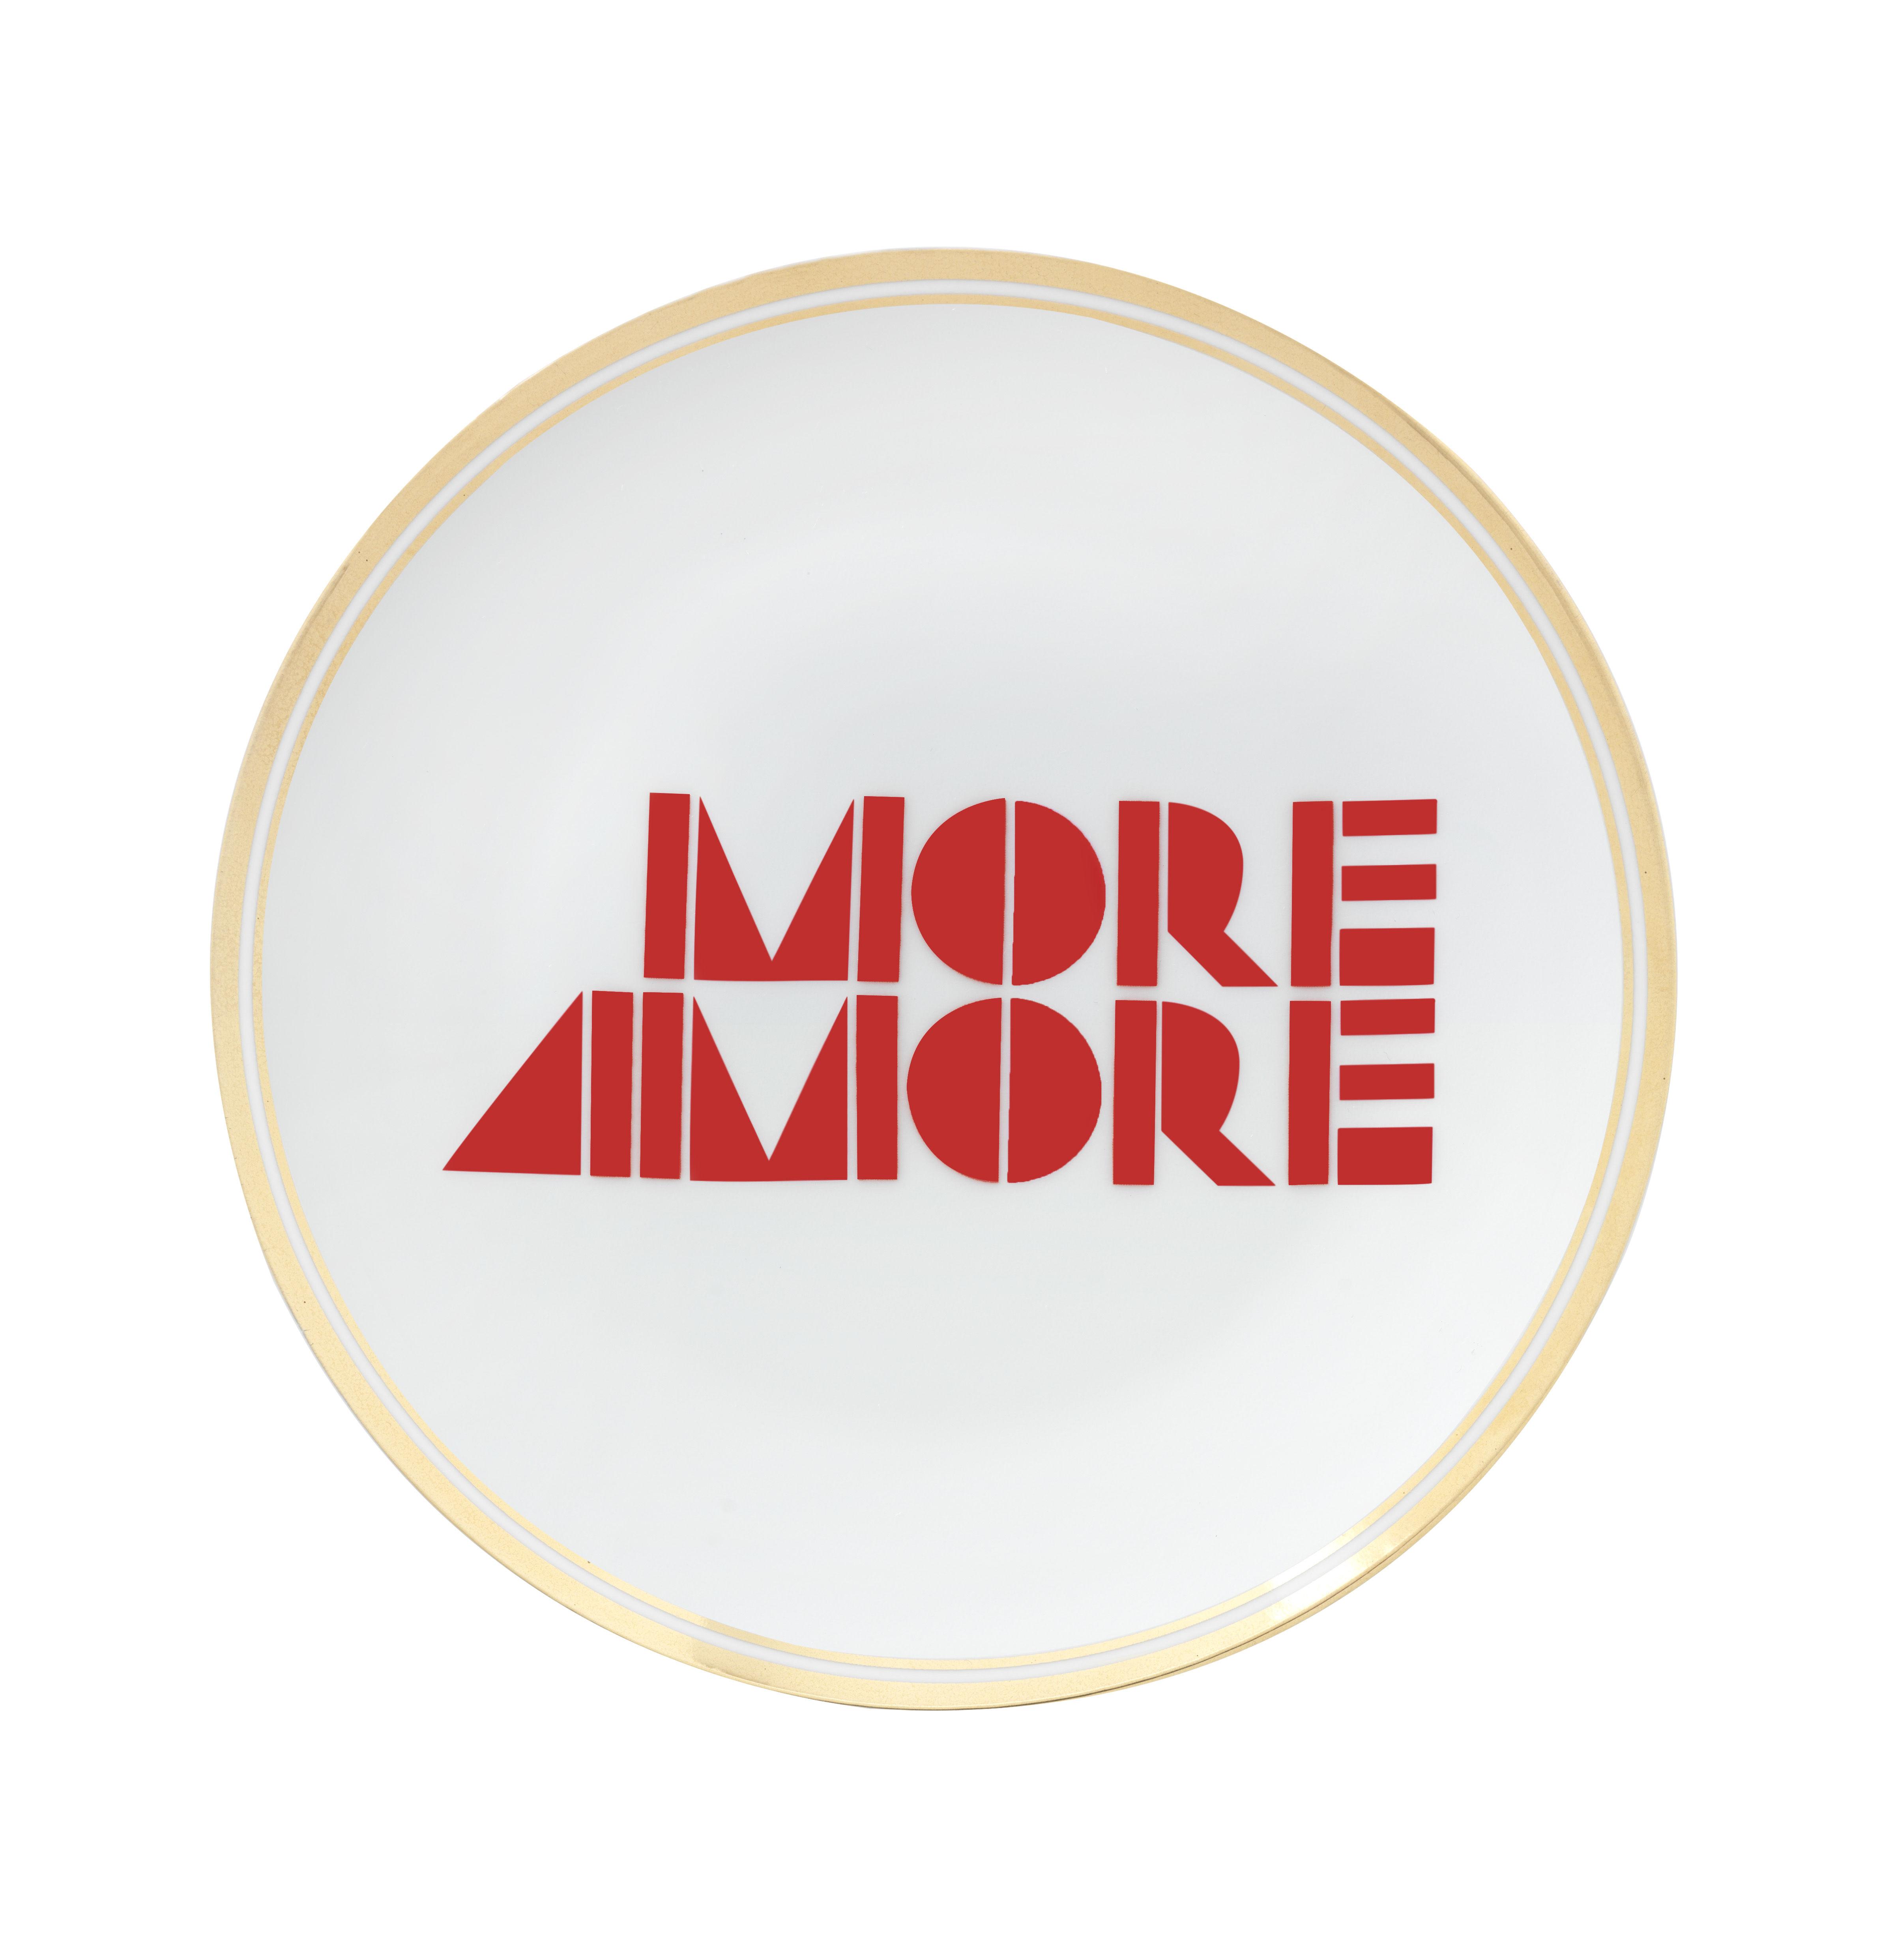 Tavola - Piatti  - Piatto da dessert More Amore - / Ø 17 cm di Bitossi Home - More Amore - Porcellana